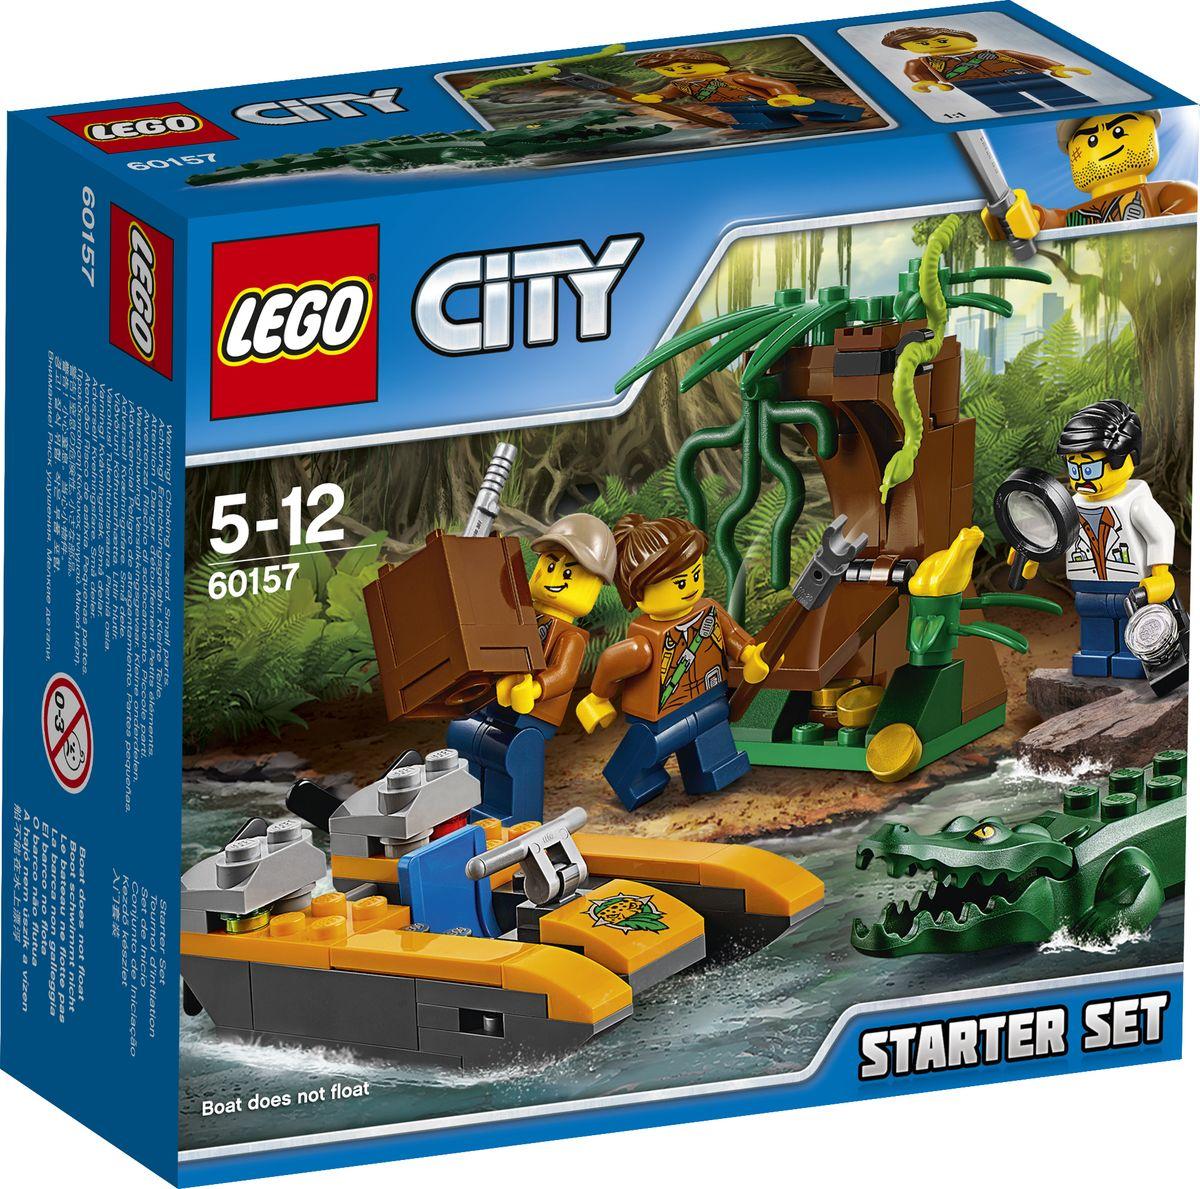 LEGO City Jungle Explorer Конструктор Набор Джунгли для начинающих 60157 конструкторы lego lego city jungle explorer база исследователей джунглей 60161